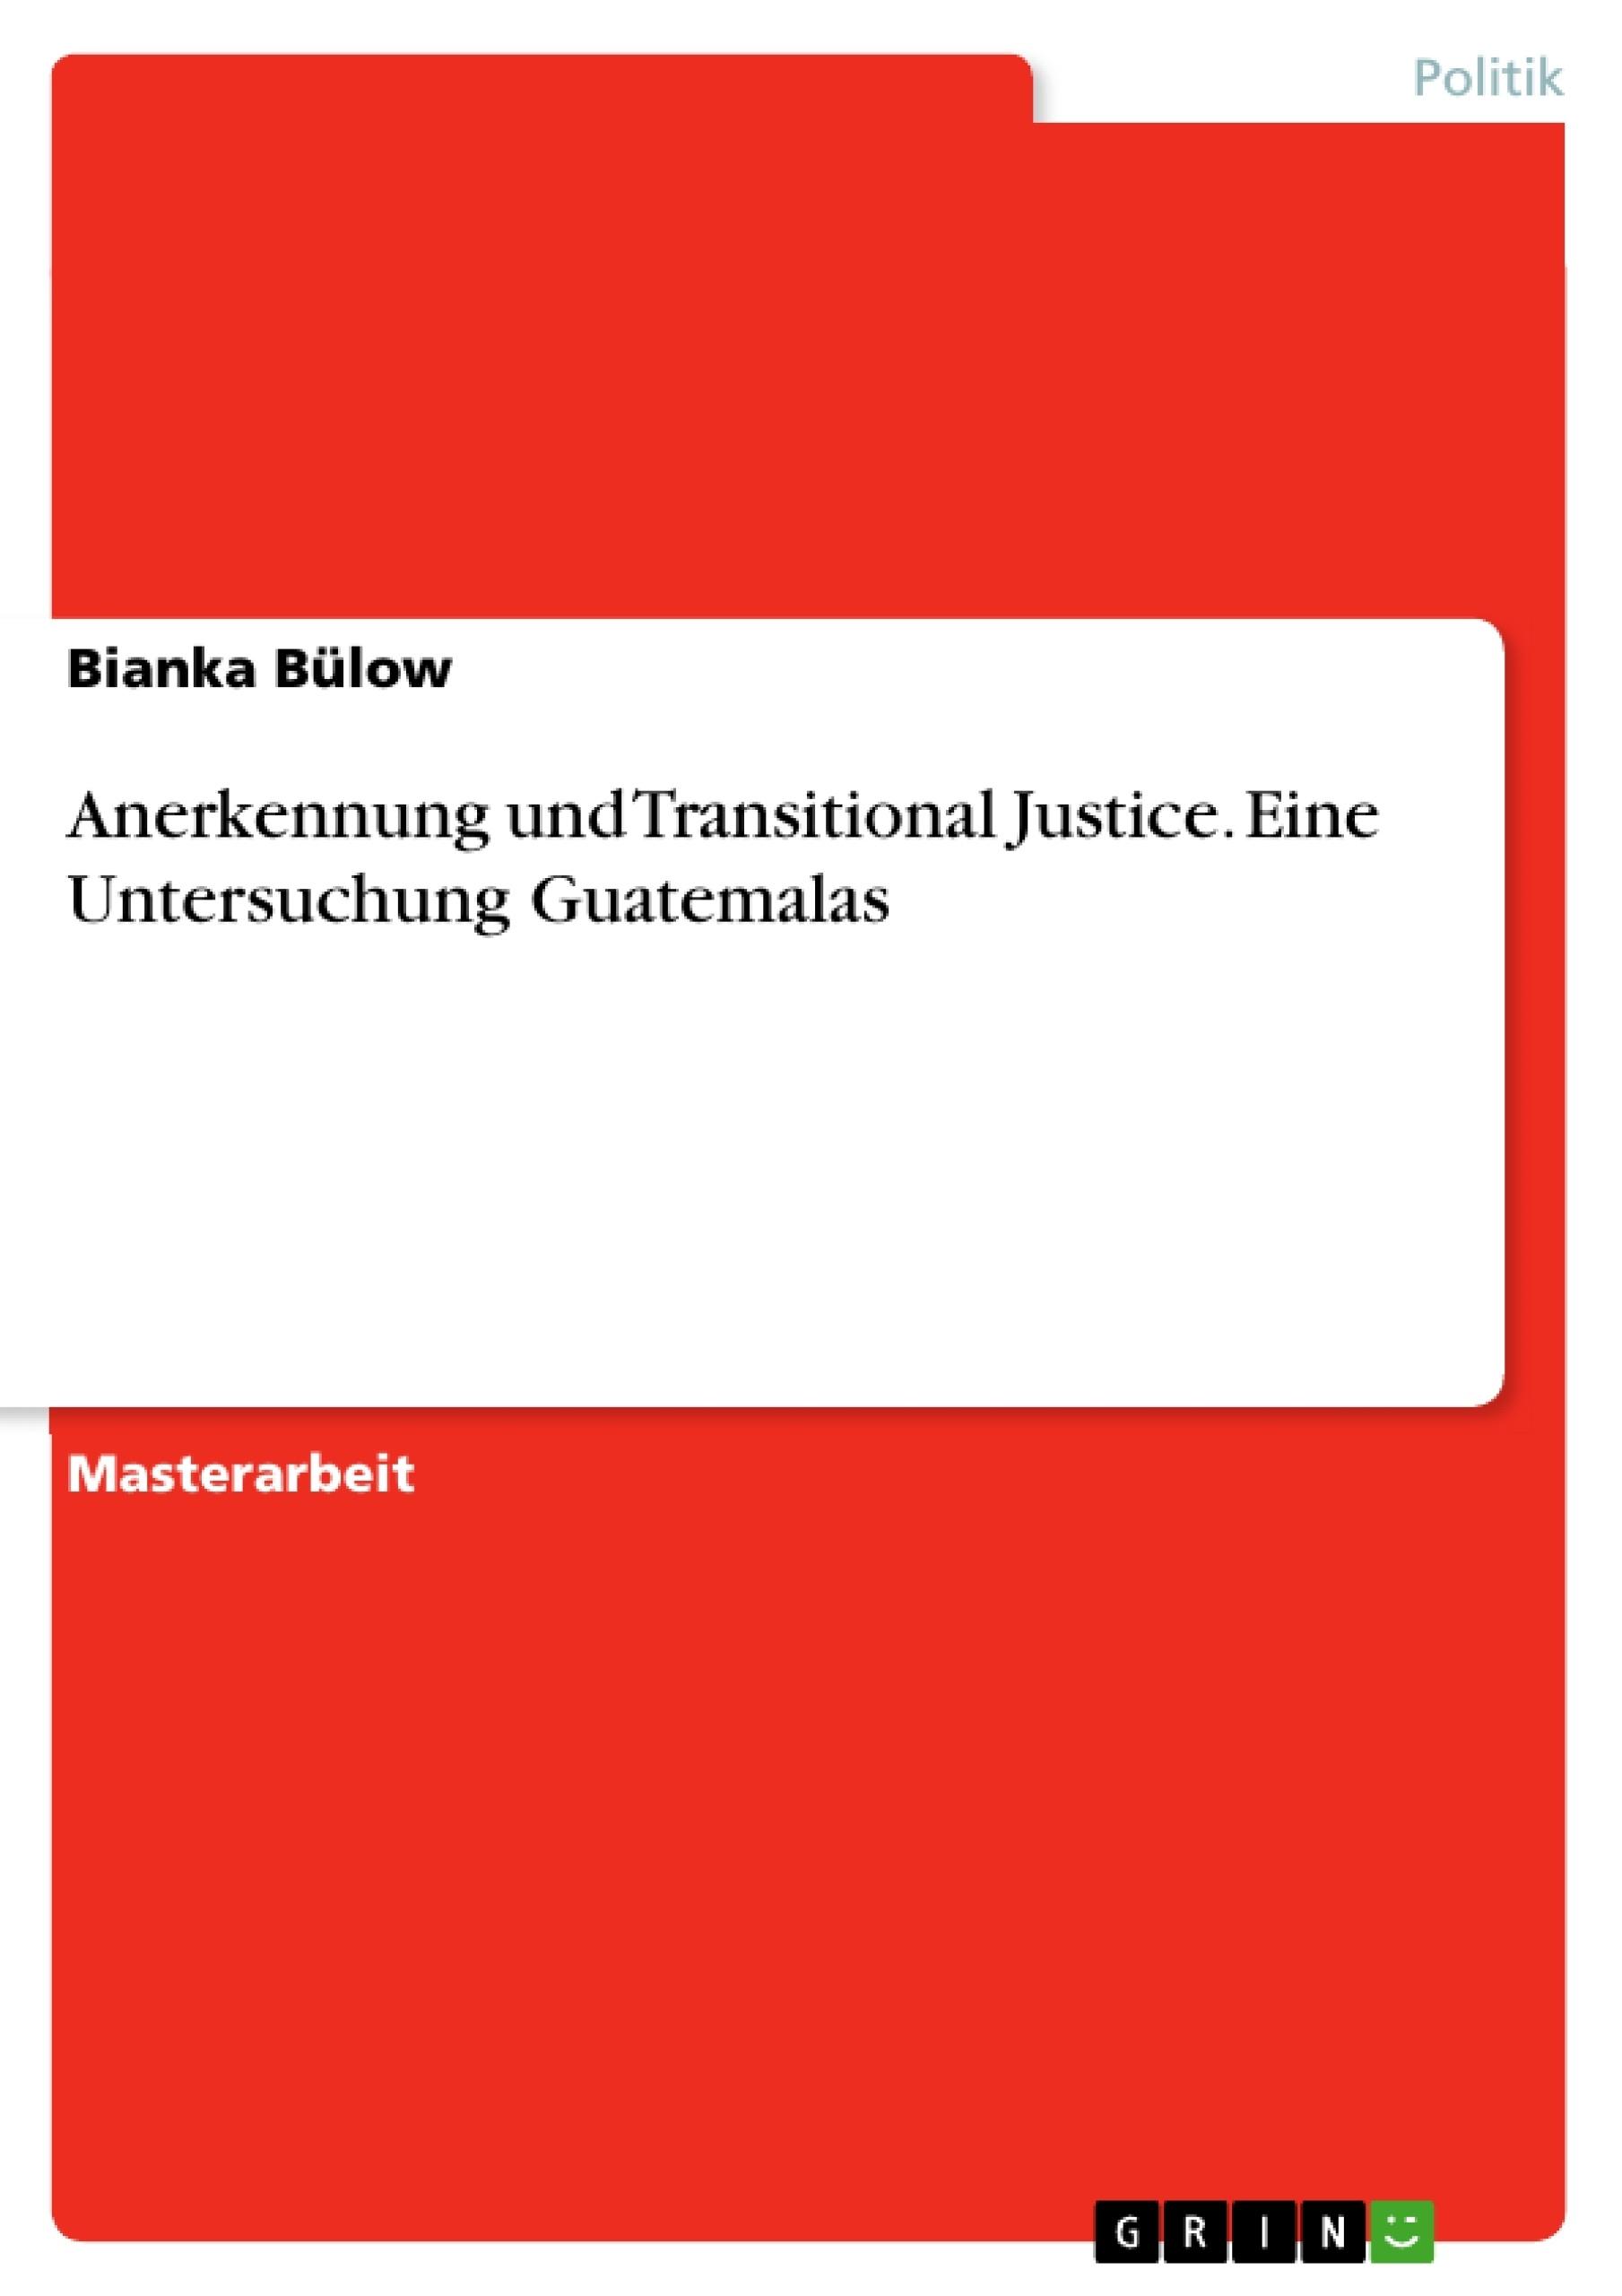 Titel: Anerkennung und Transitional Justice. Eine Untersuchung Guatemalas